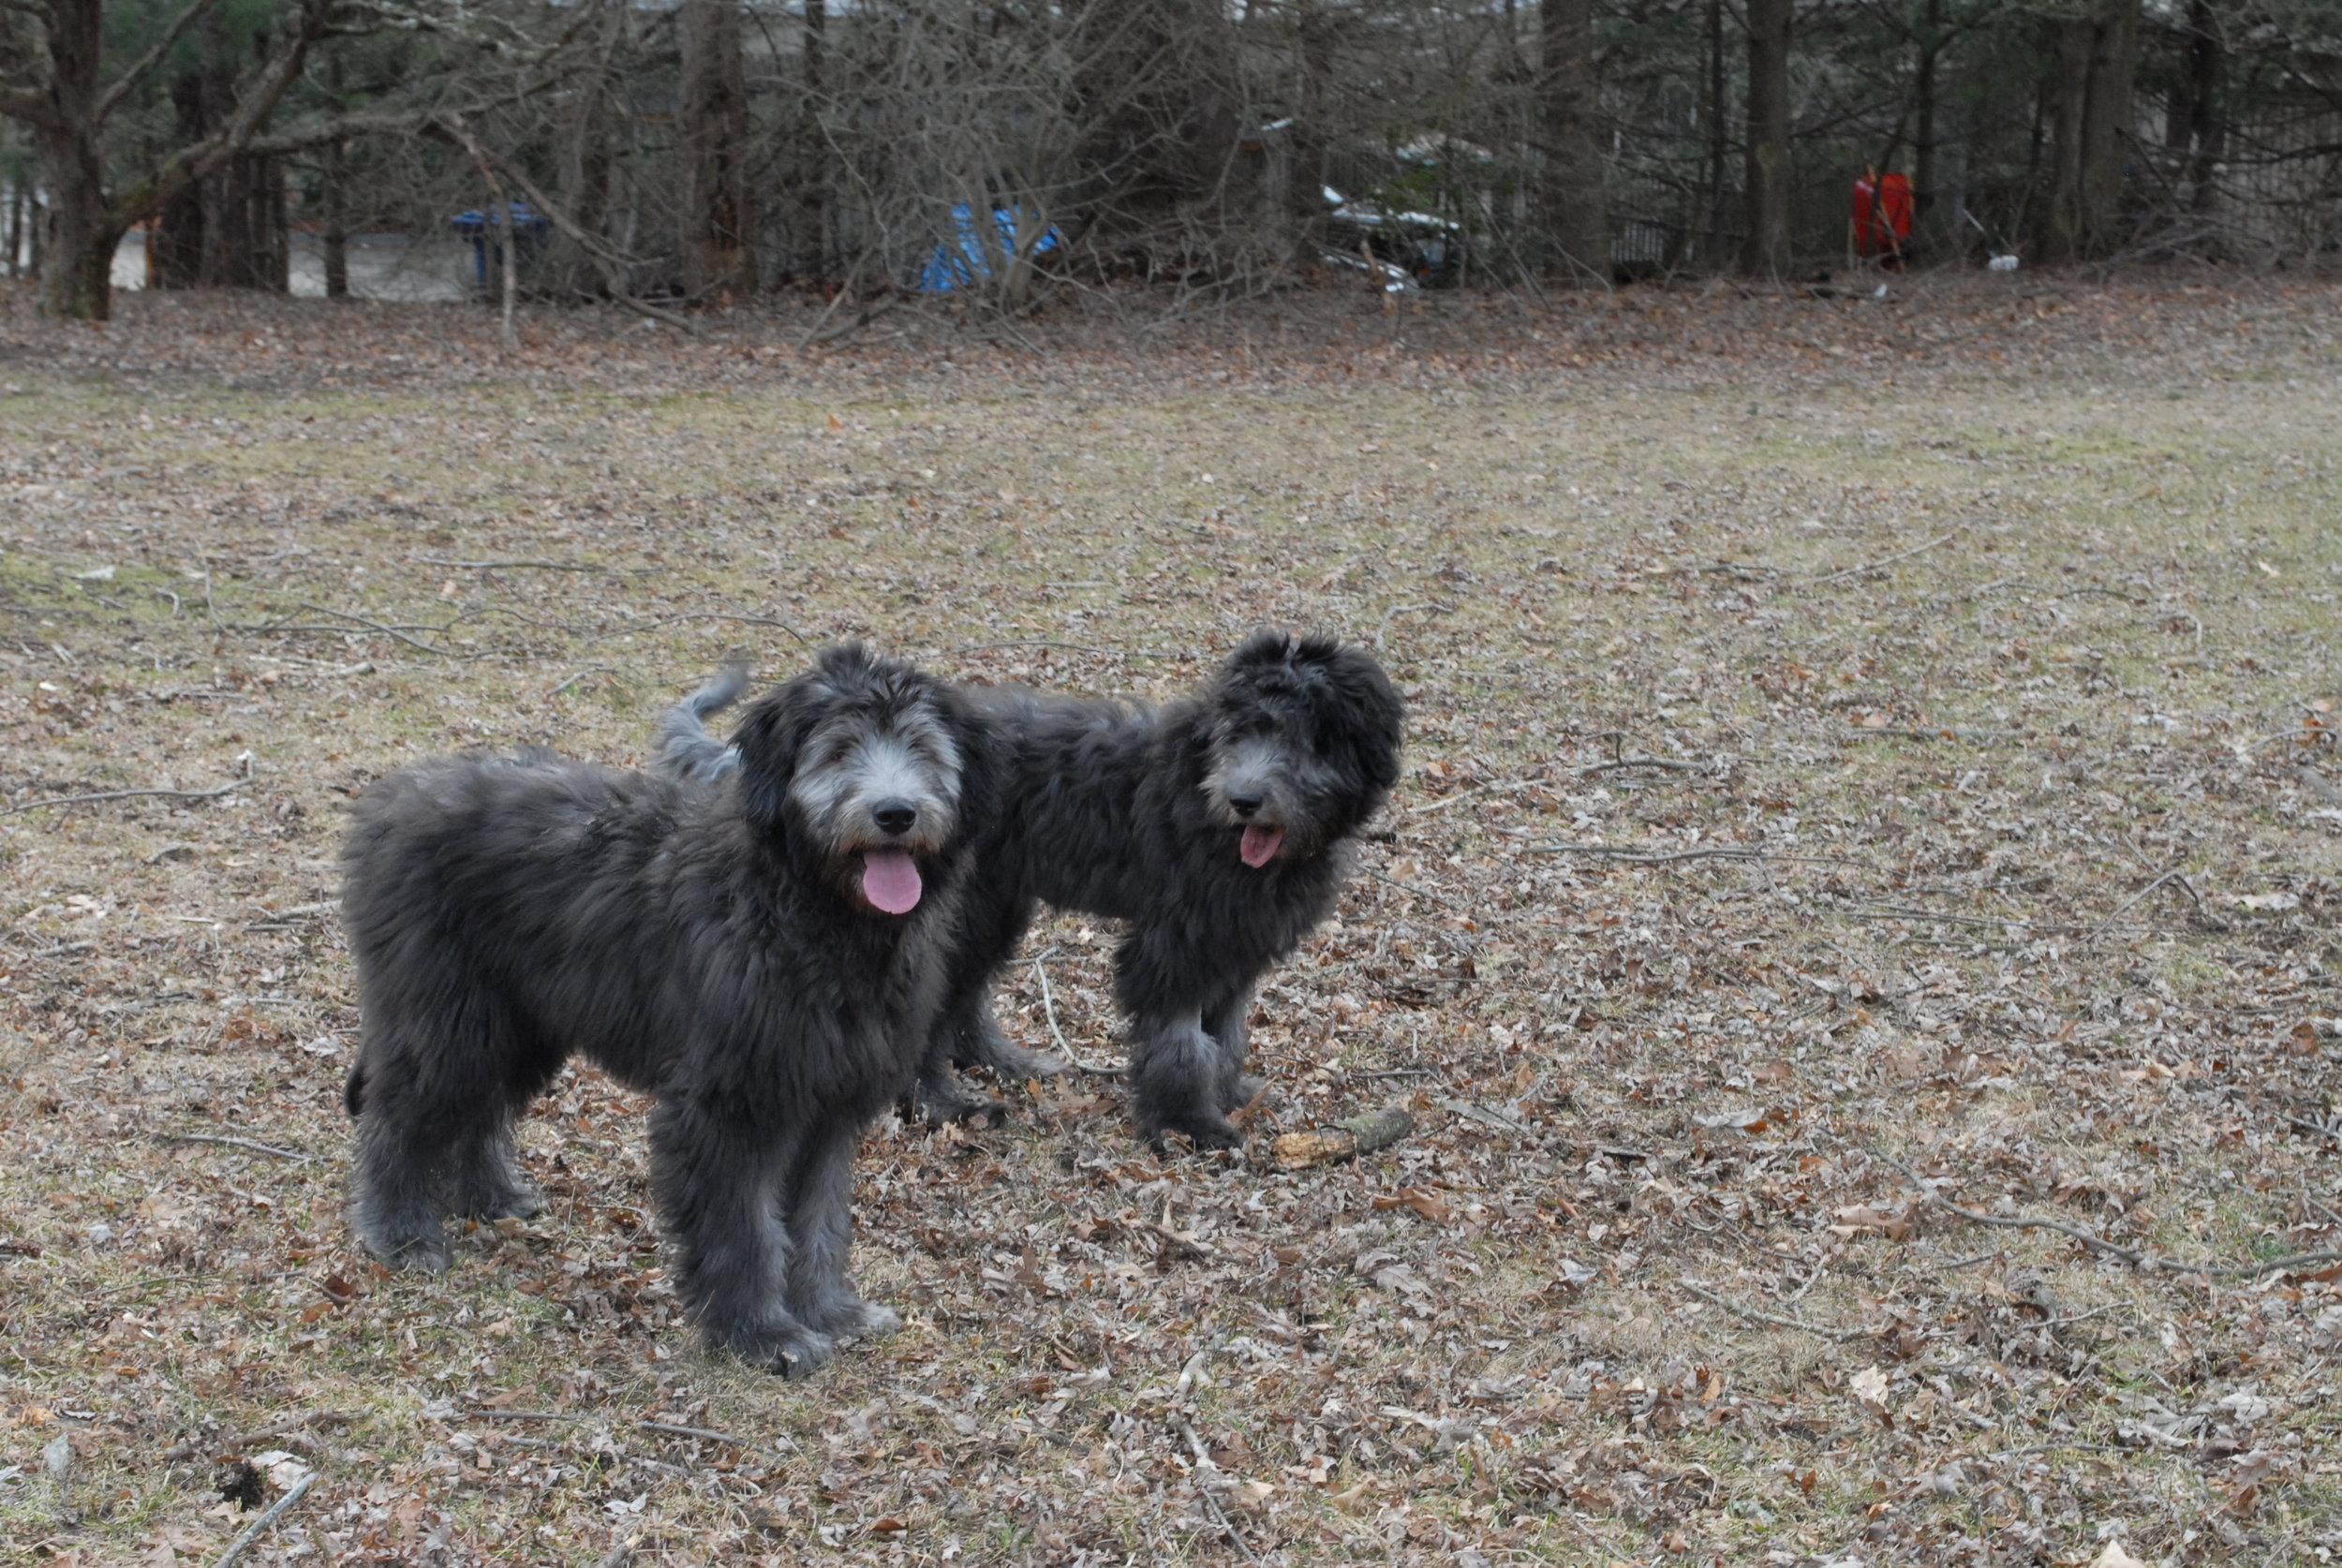 Grey - Puppies born black, turning grey